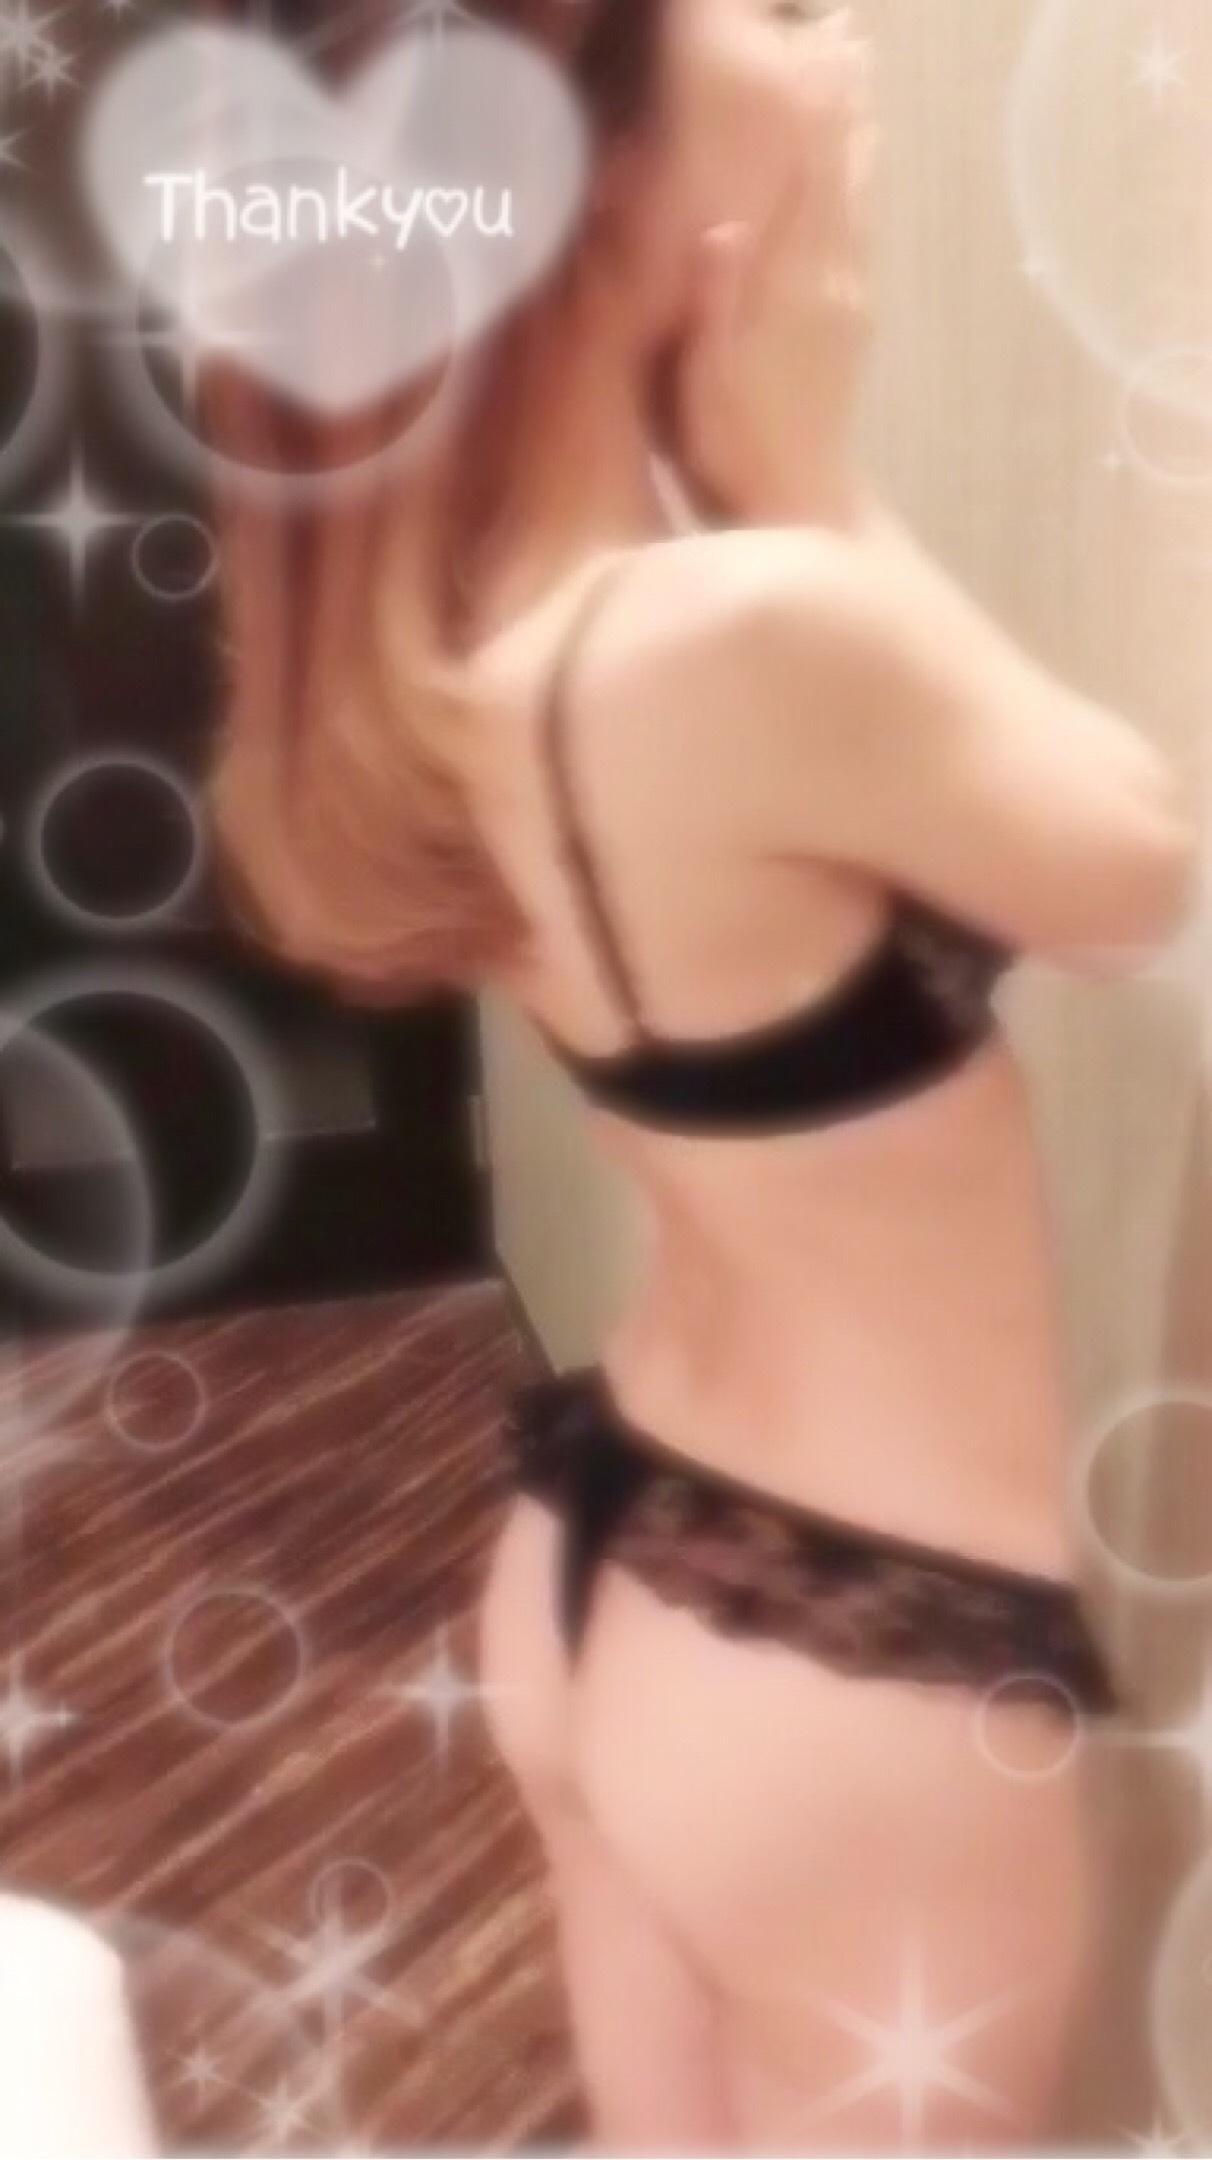 「写真*」07/27(07/27) 16:10 | さやかの写メ・風俗動画